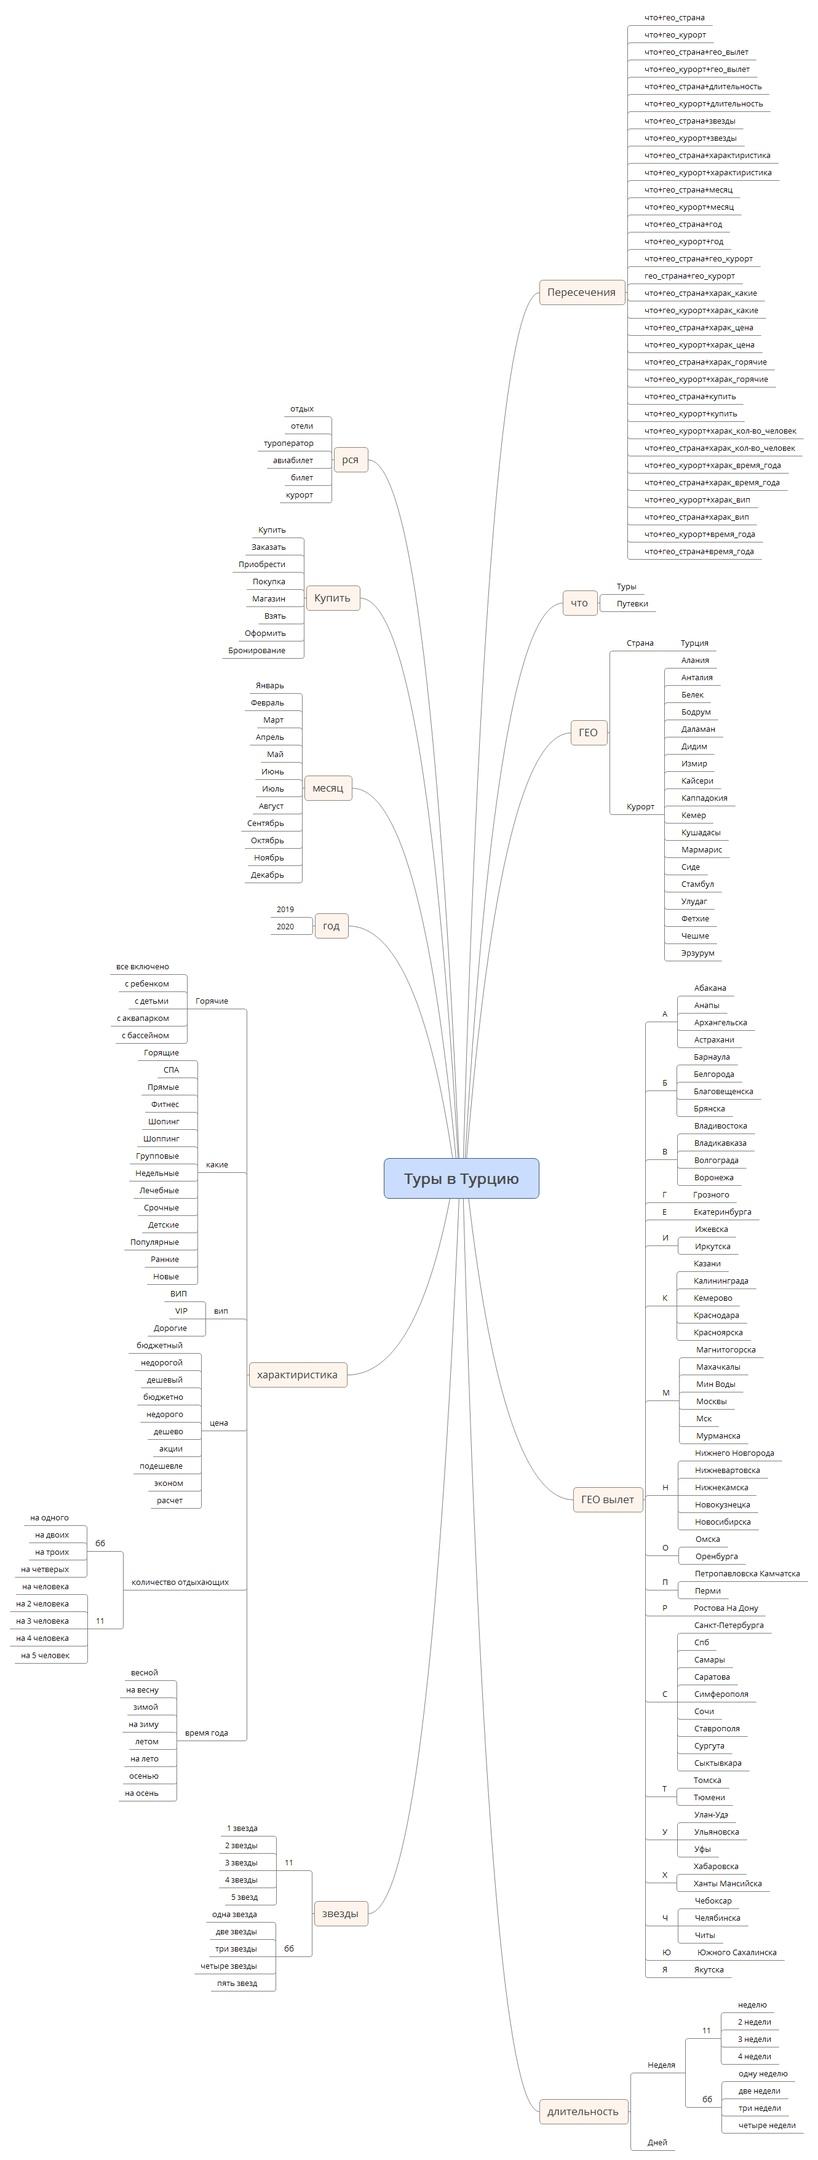 Кейс турфирмы – карта запросов